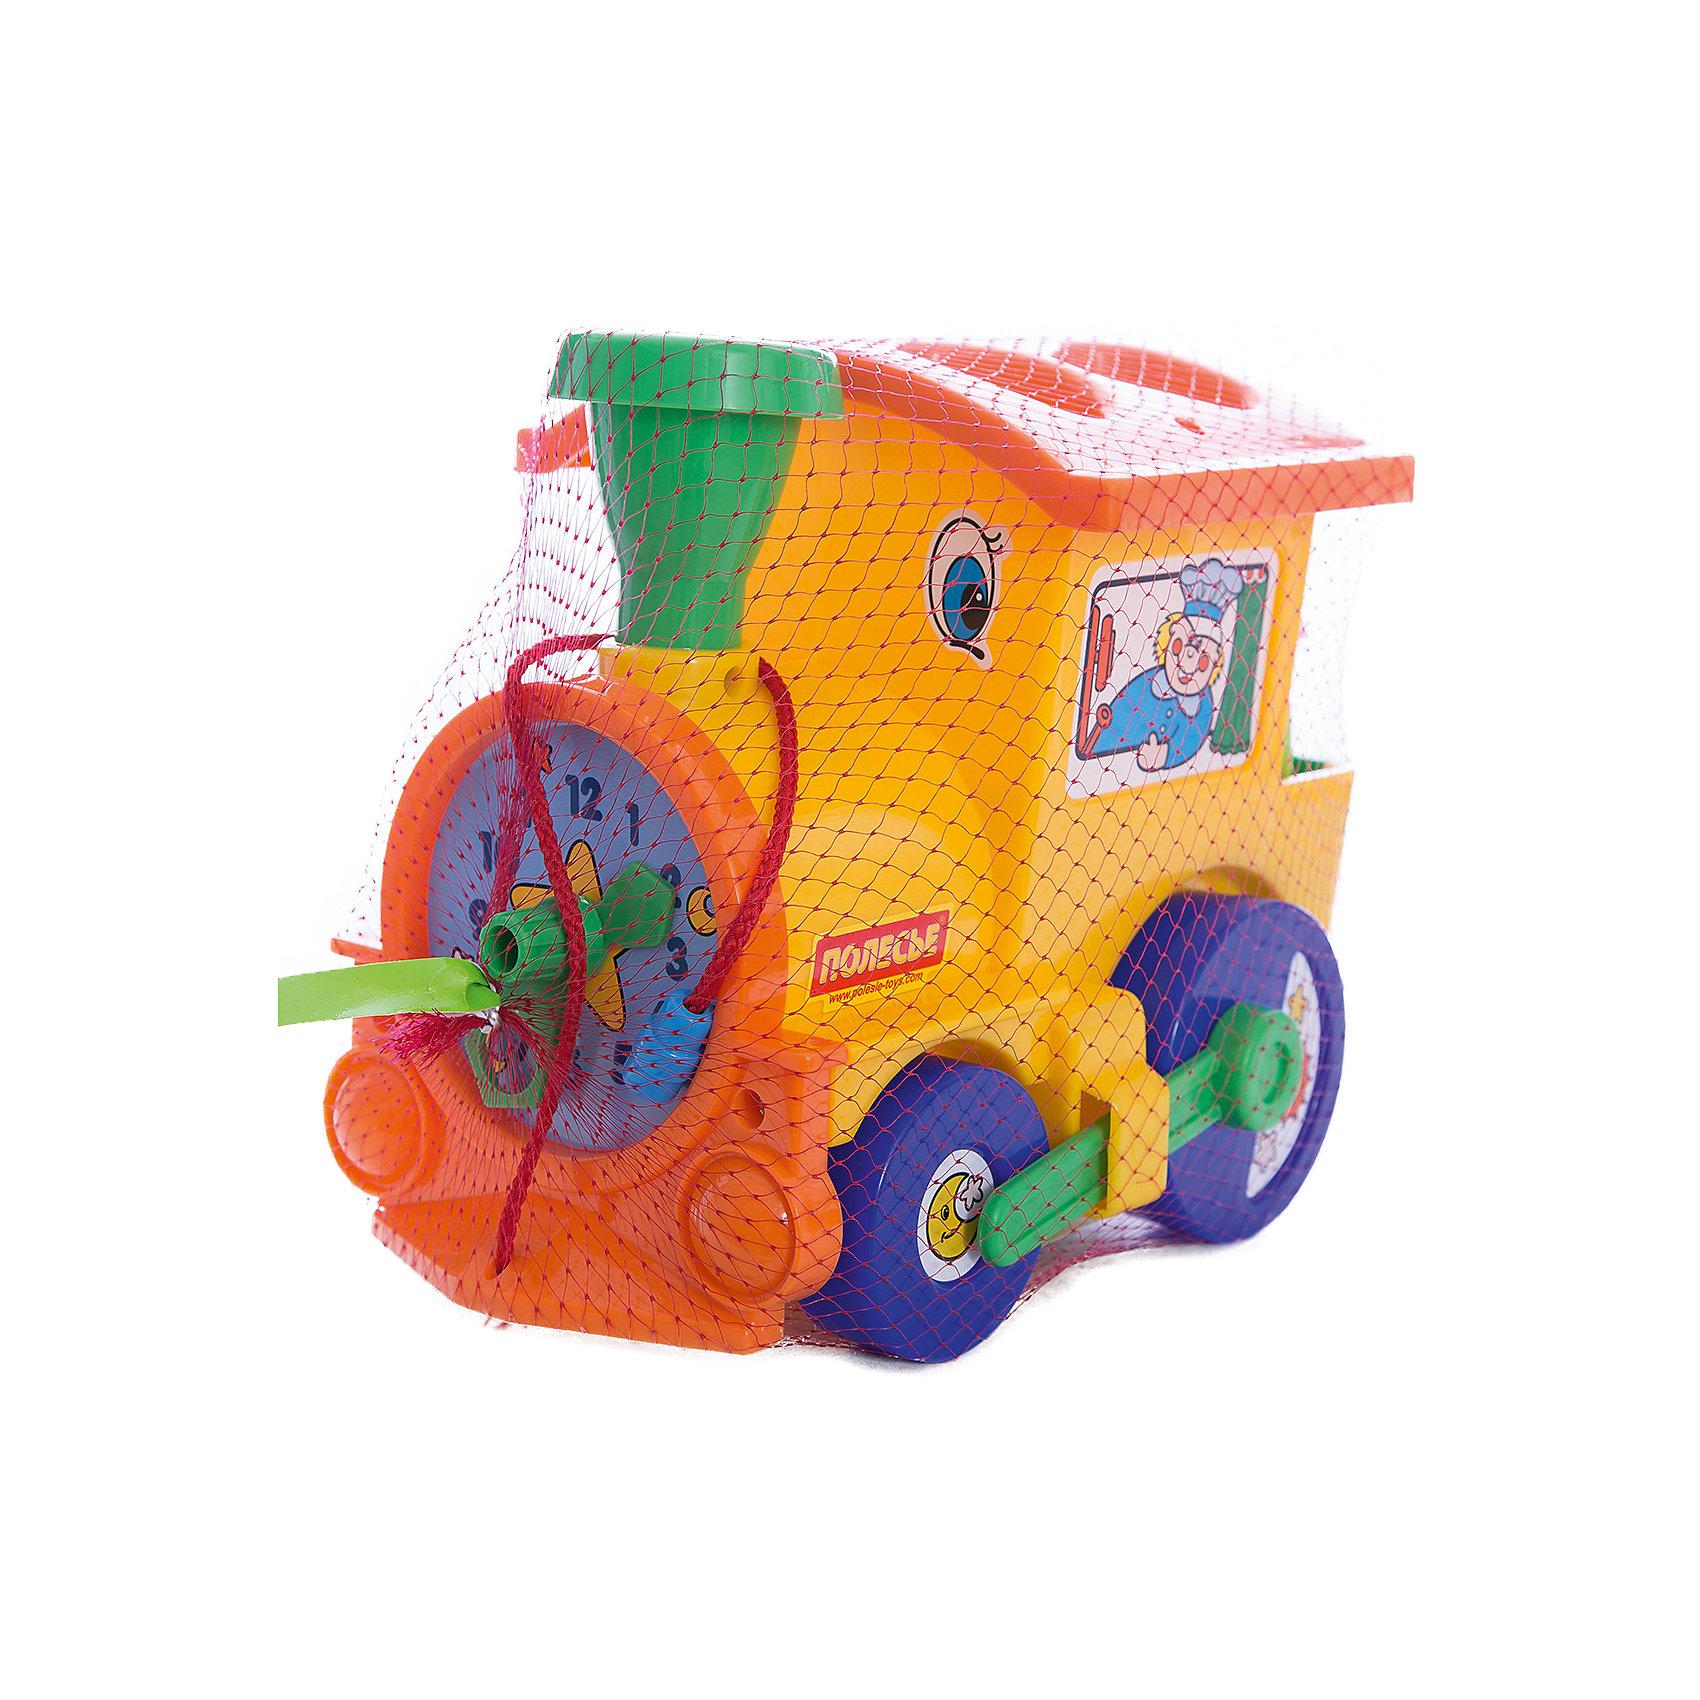 Занимательный паровоз, ПолесьеИгрушки-каталки<br>Характеристики товара:<br><br>• возраст: от 12 мес.<br>• материал: пластик.<br>• размер игрушки: 22 х 15 х 18 см.<br>• страна производитель: Беларусь.<br><br>Яркий сортер займет ребенка ни на один час. В крыше имеются отверстия для объемных геометрических фигурок. Занятия с сортером помогут малышу развить логические навыки и узнать новые формы предметов.<br><br>Кроме того, сортер-паровозик можно использовать и в качестве каталки, возя его с собой за веревочку. Во время передвижения пластиковые фигурки будут весело греметь внутри. Использовать игрушку можно как дома, так и на улице.<br><br>Занимательный паровоз, Полесье можно купить в нашем интернет-магазине.<br><br>Ширина мм: 220<br>Глубина мм: 150<br>Высота мм: 185<br>Вес г: 460<br>Возраст от месяцев: 12<br>Возраст до месяцев: 36<br>Пол: Унисекс<br>Возраст: Детский<br>SKU: 4763419